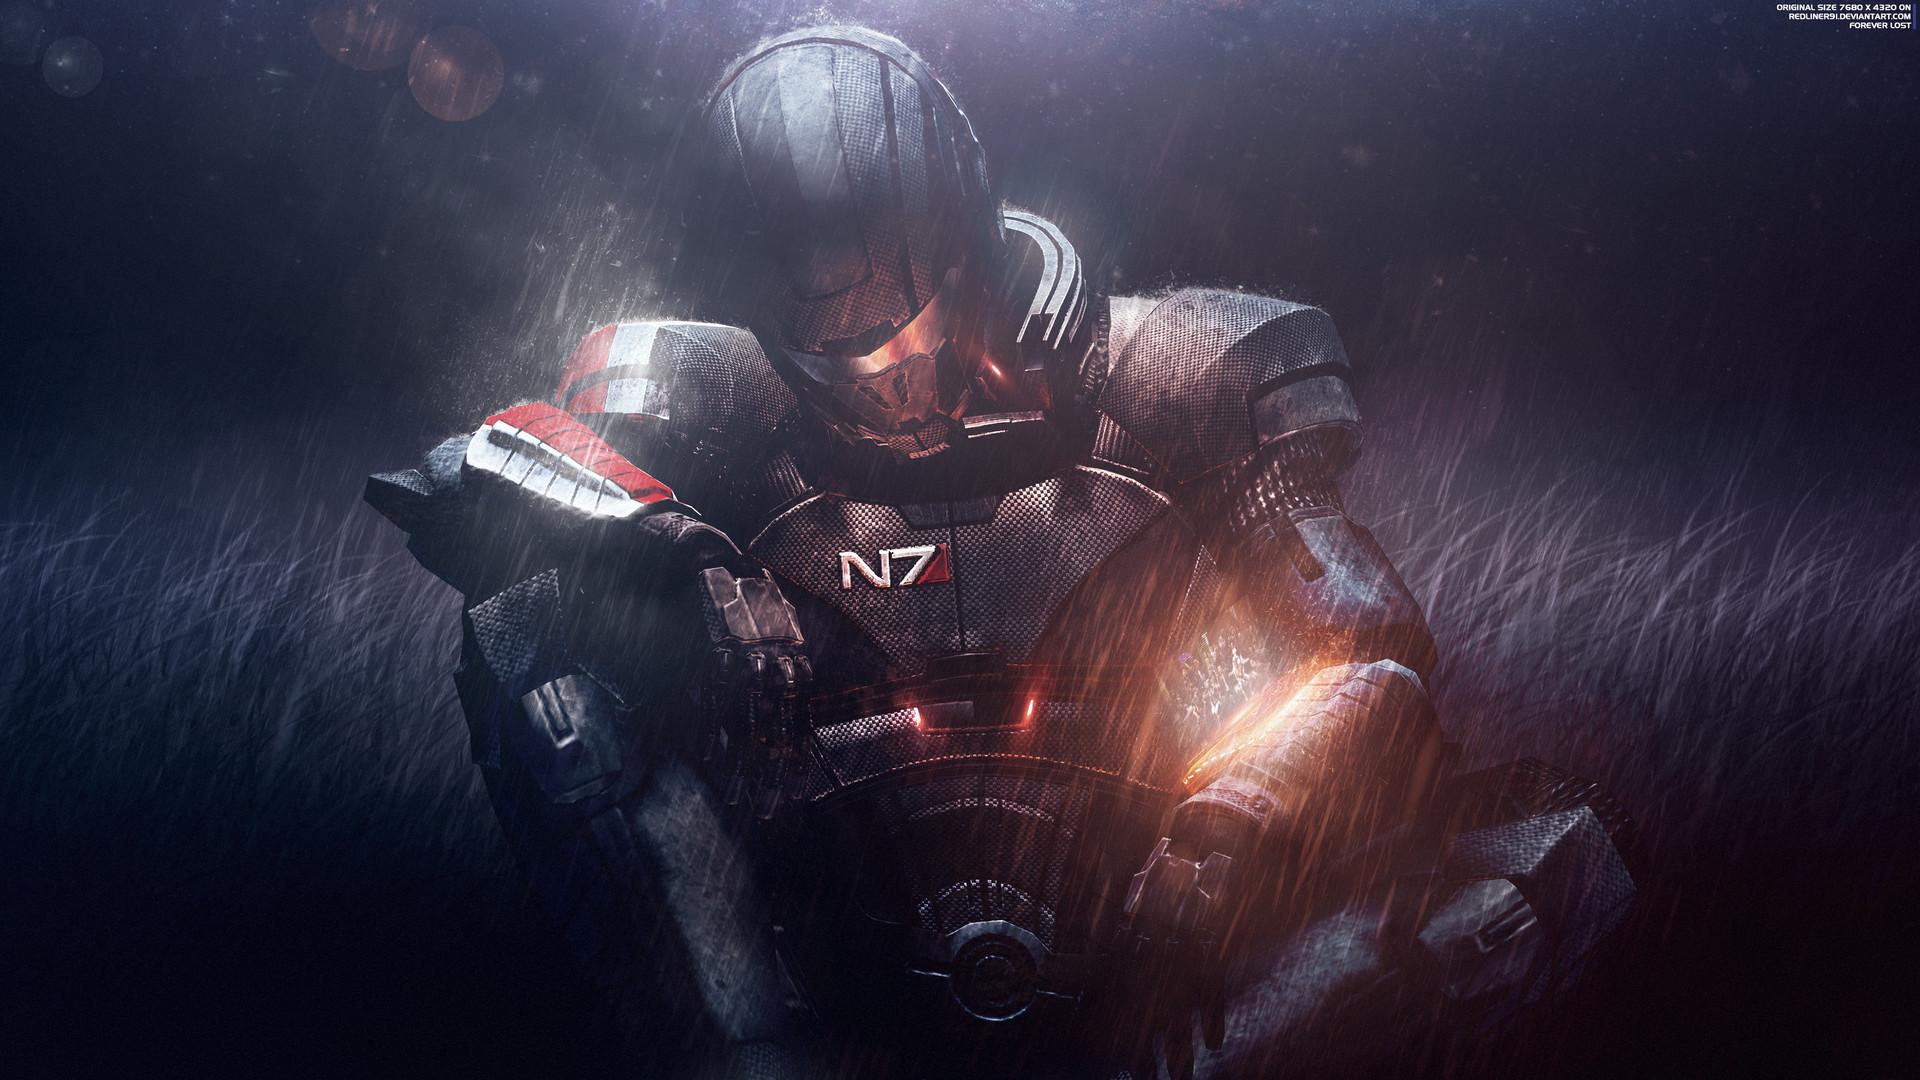 СМИ: BioWare готовит анонс ремастера или ремейка трилогии Mass Effect